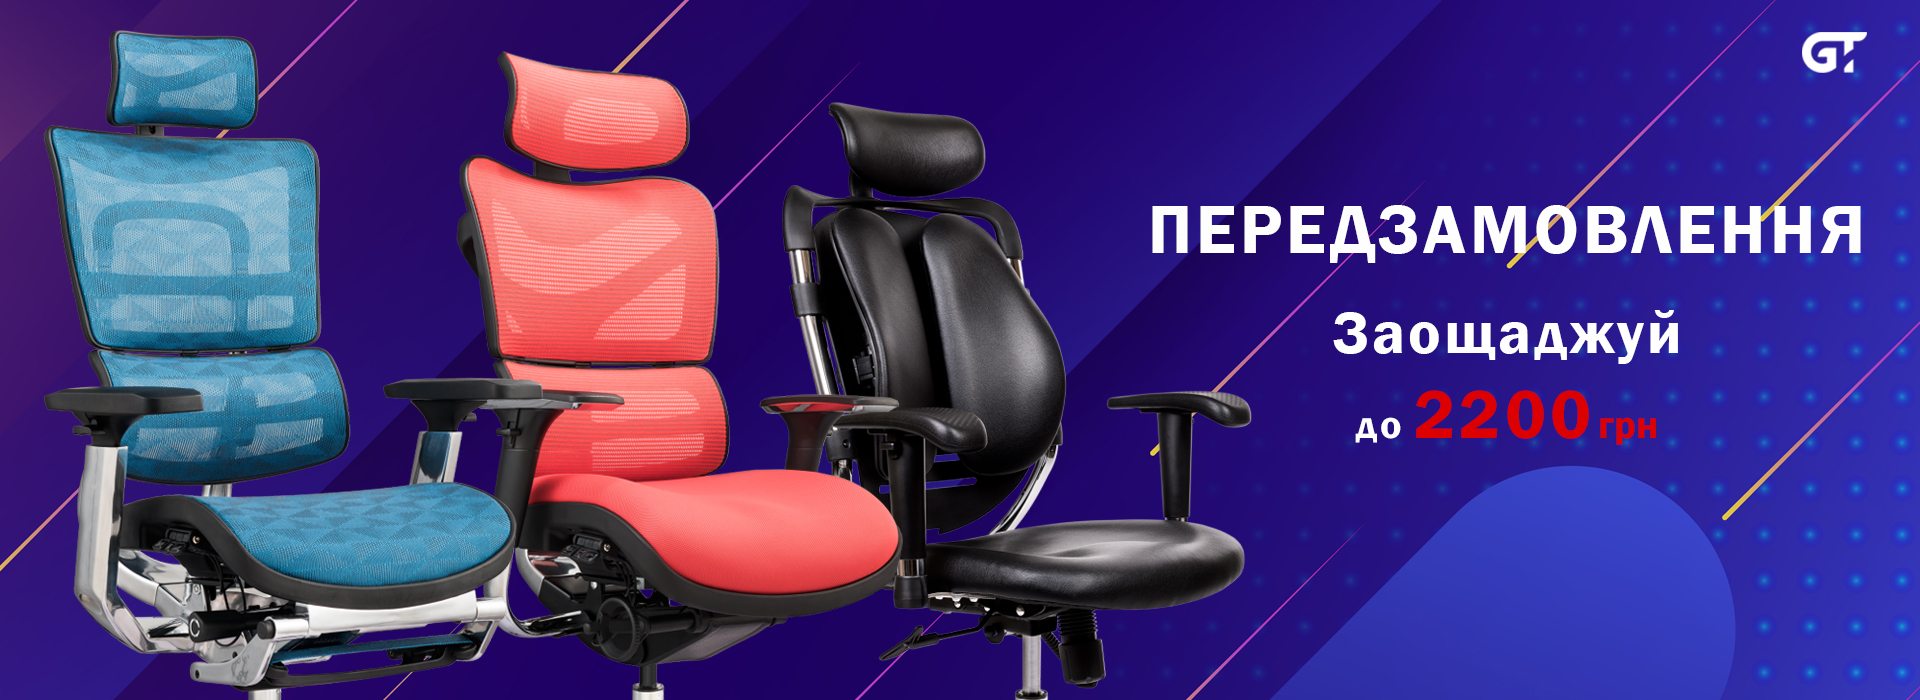 Акція! Велике передзамовлення на офісні крісла Gt Racer!